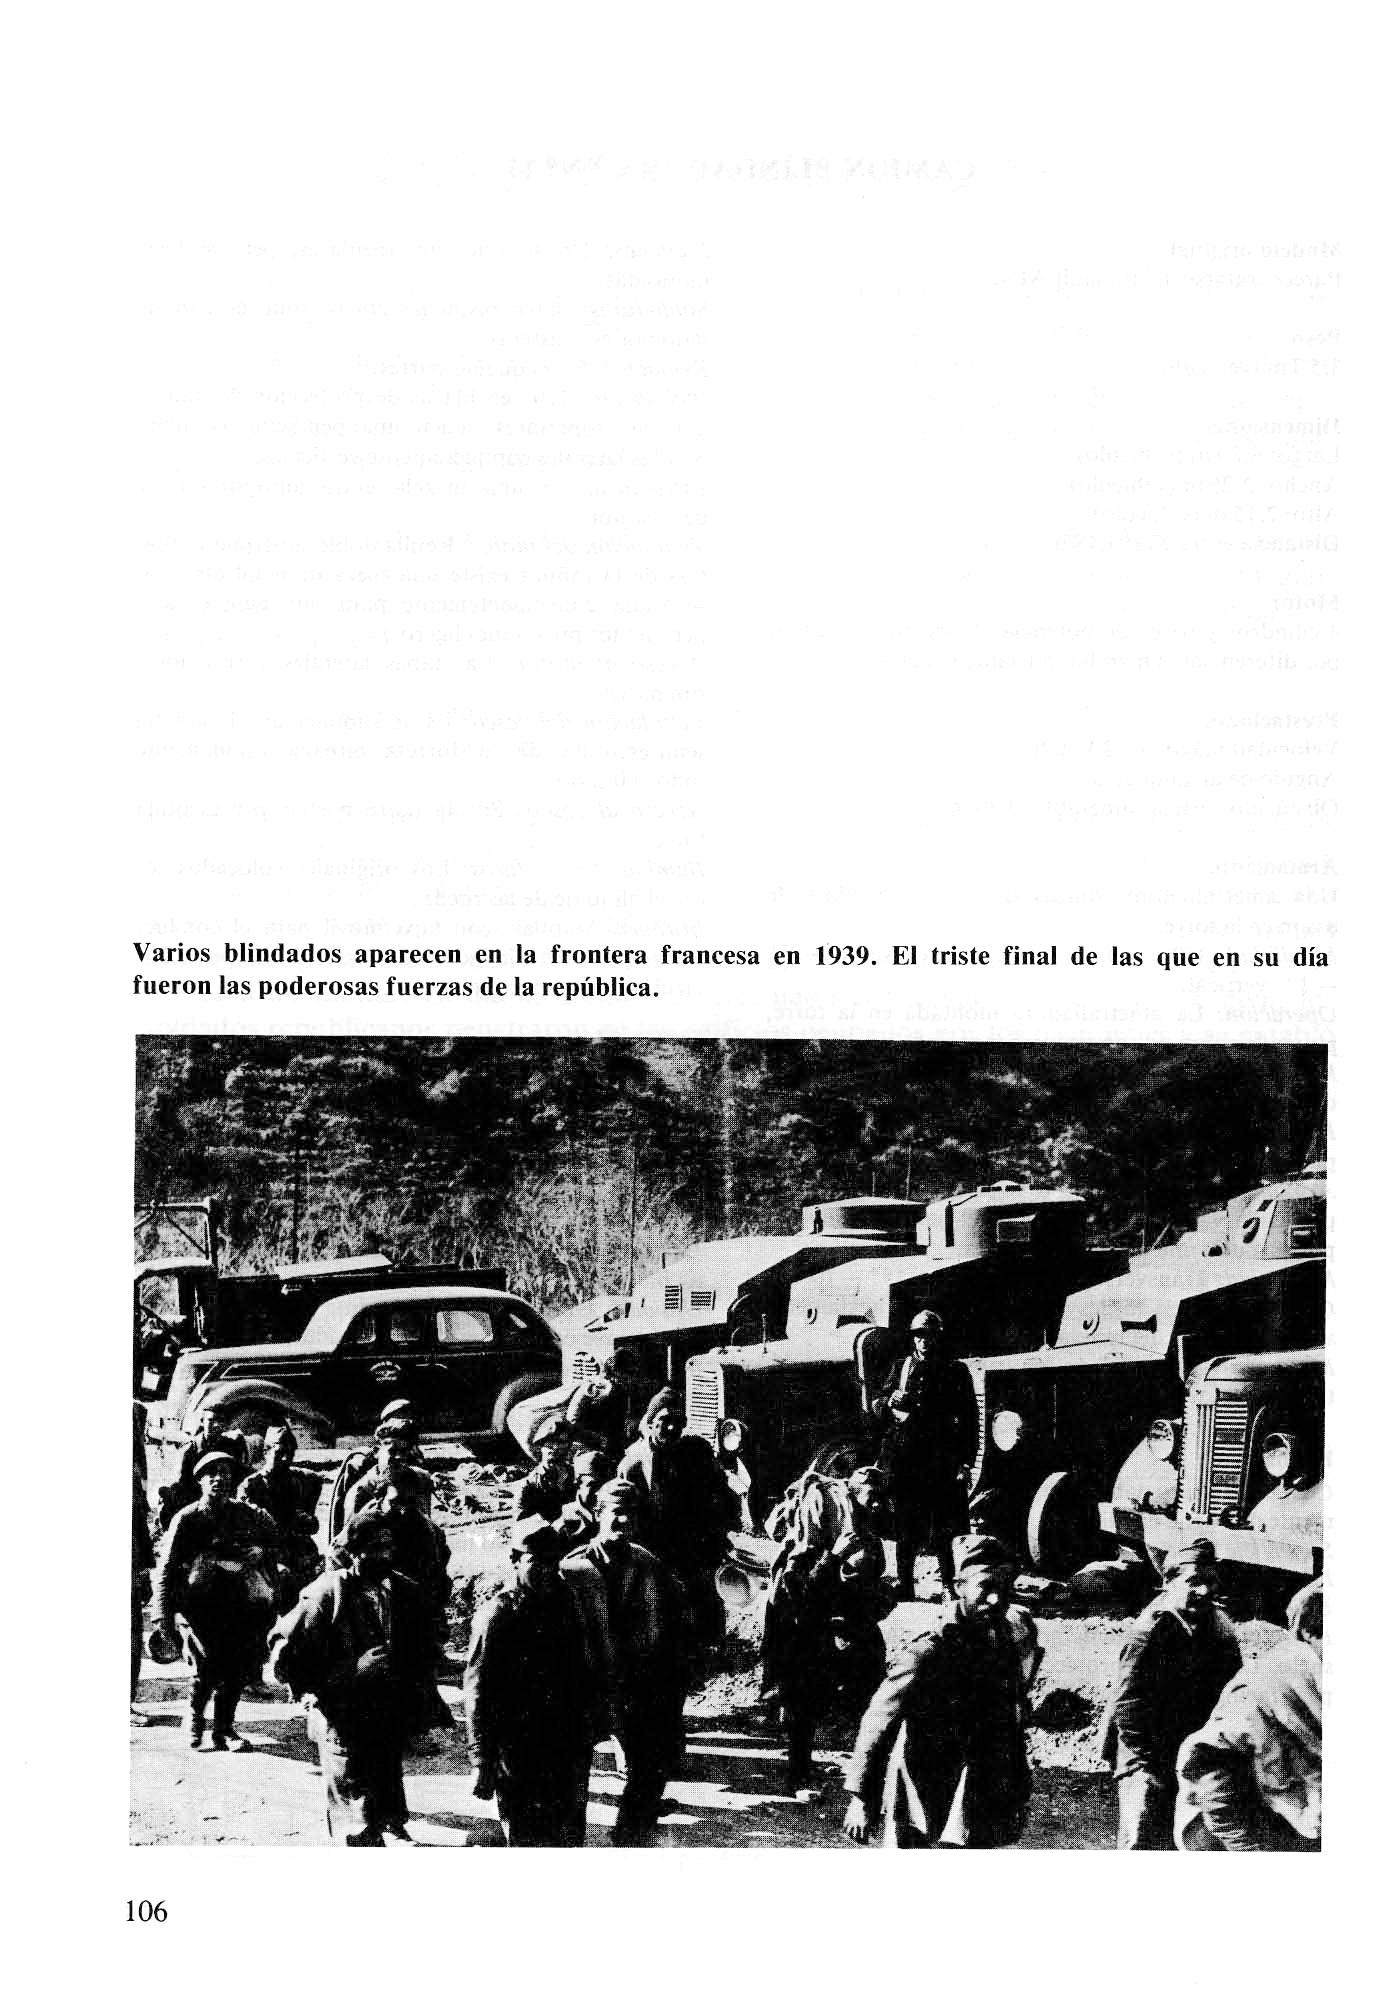 Carros De Combate Y Vehiculos Blindados De La Guerra 1936 1939 [F.C.Albert 1980]_Страница_104.jpg